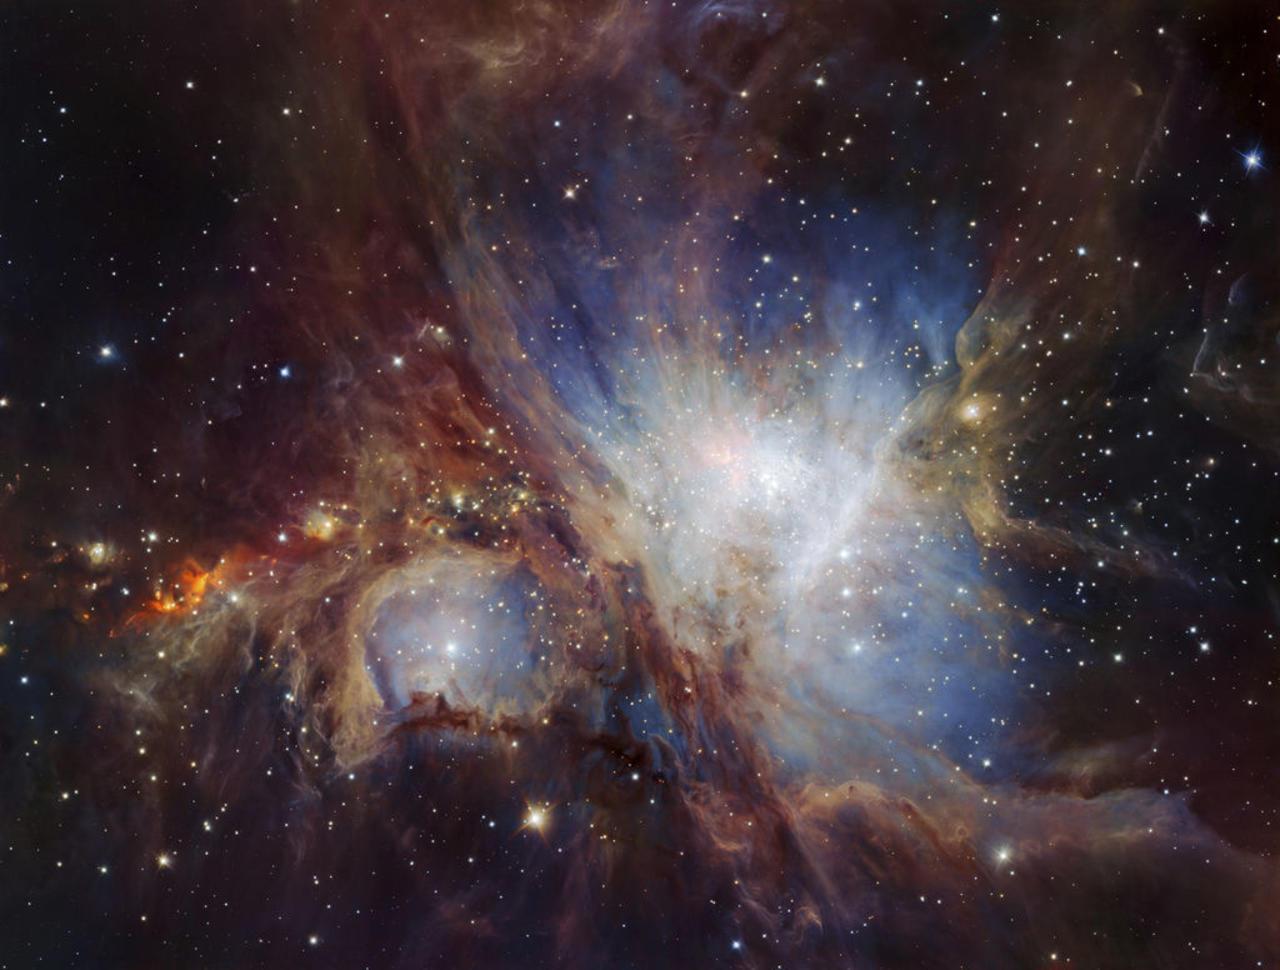 Investigadores observan los efectos del impacto de un chorro protoestelar en la Nebulosa de Orión